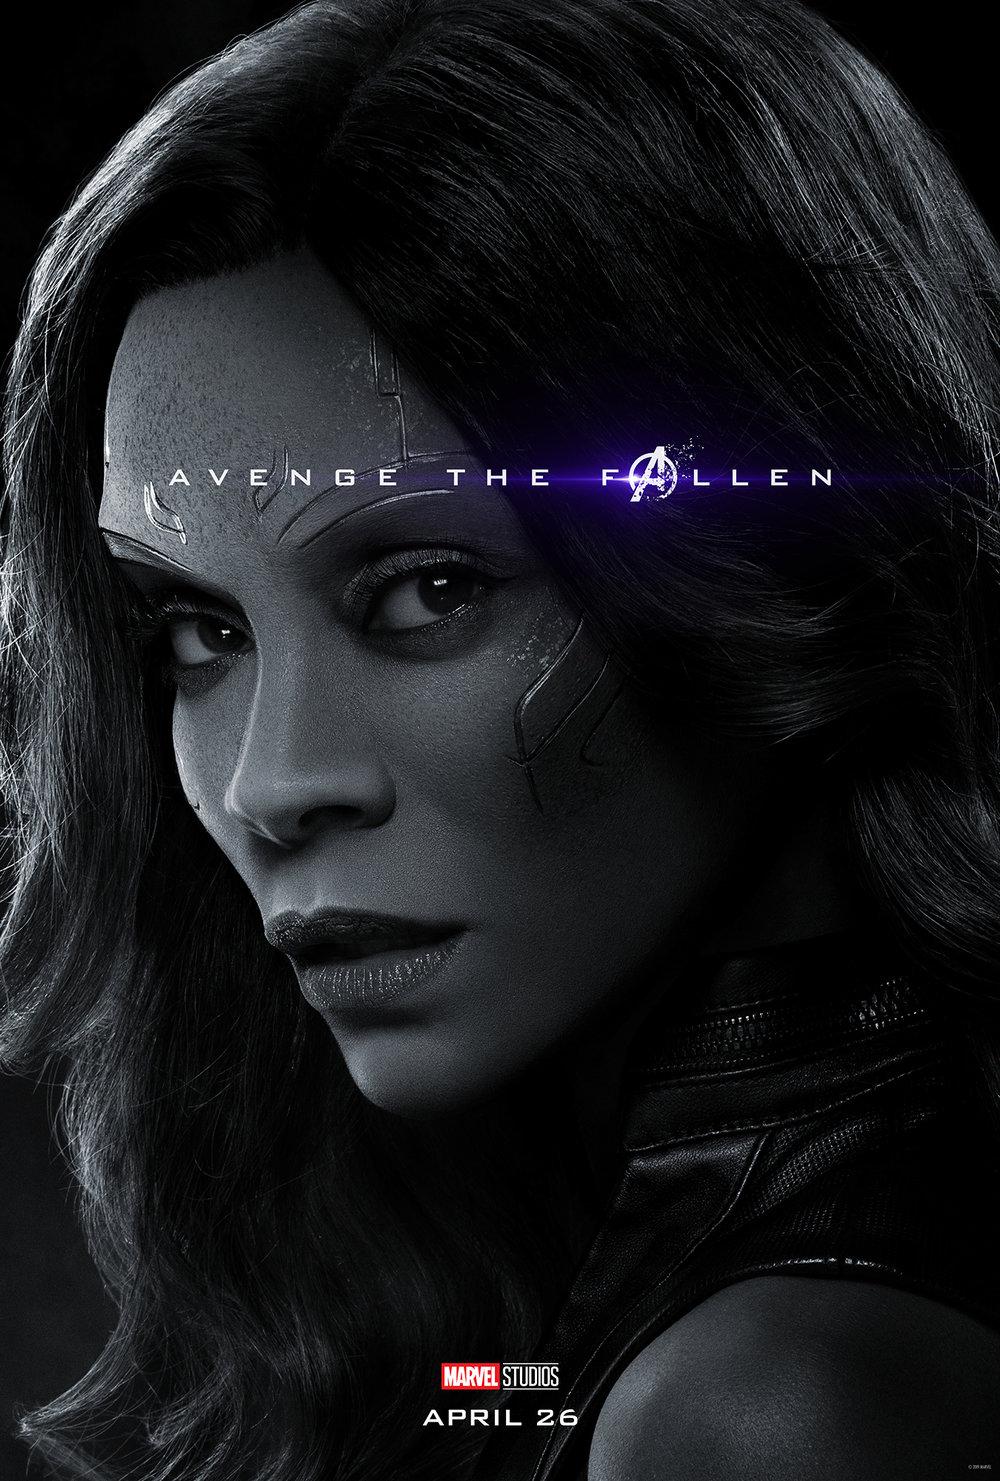 Avengers_Endgame_Char1Sht_Gamora_Avenge_mech2_FS_100dpi.jpg